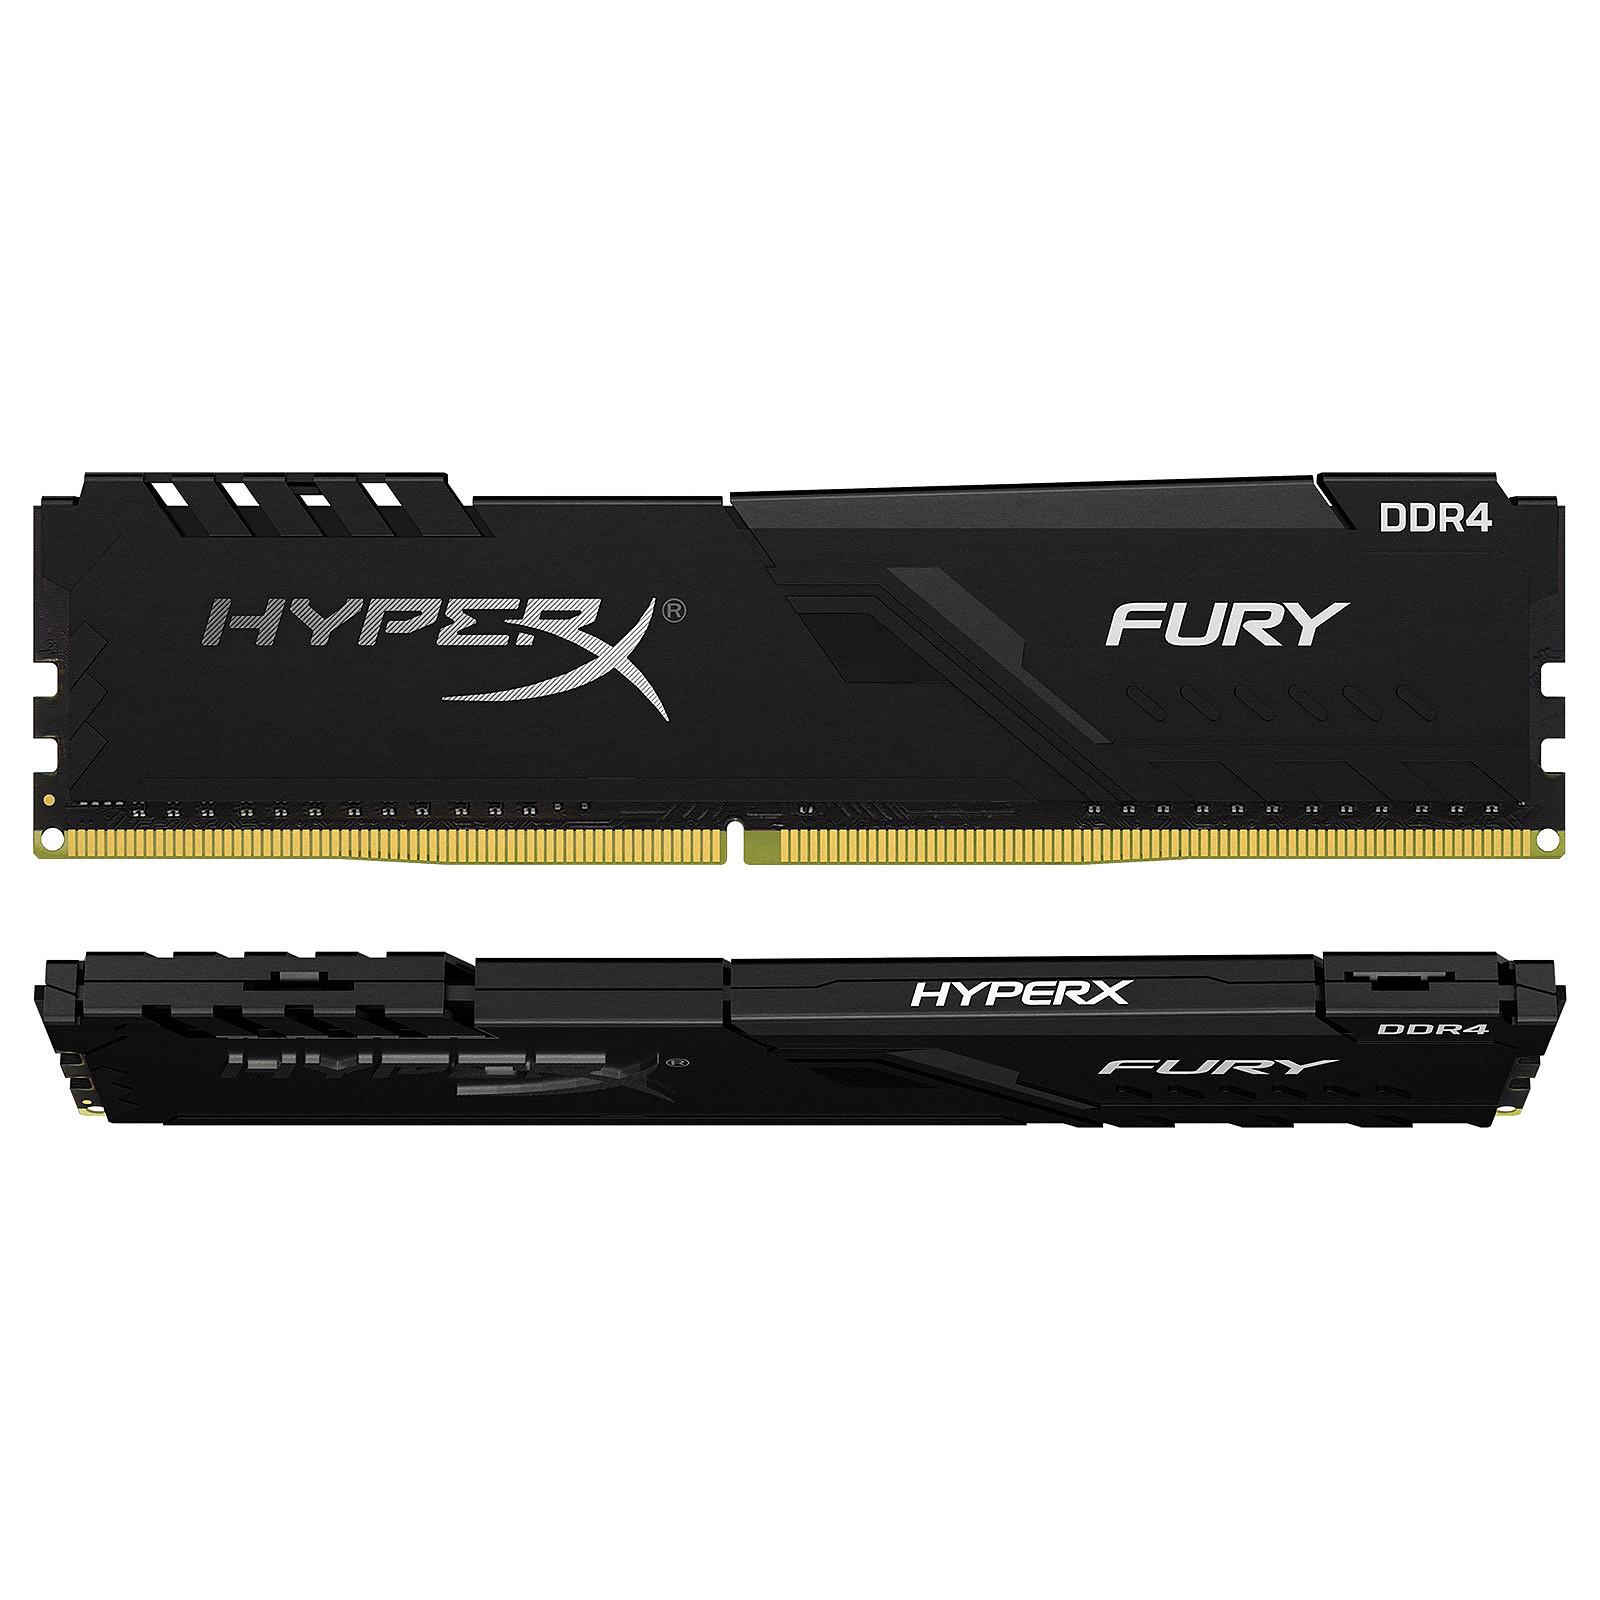 HyperX Fury 32 Go (2 x 16 Go) DDR4 3466 MHz CL16